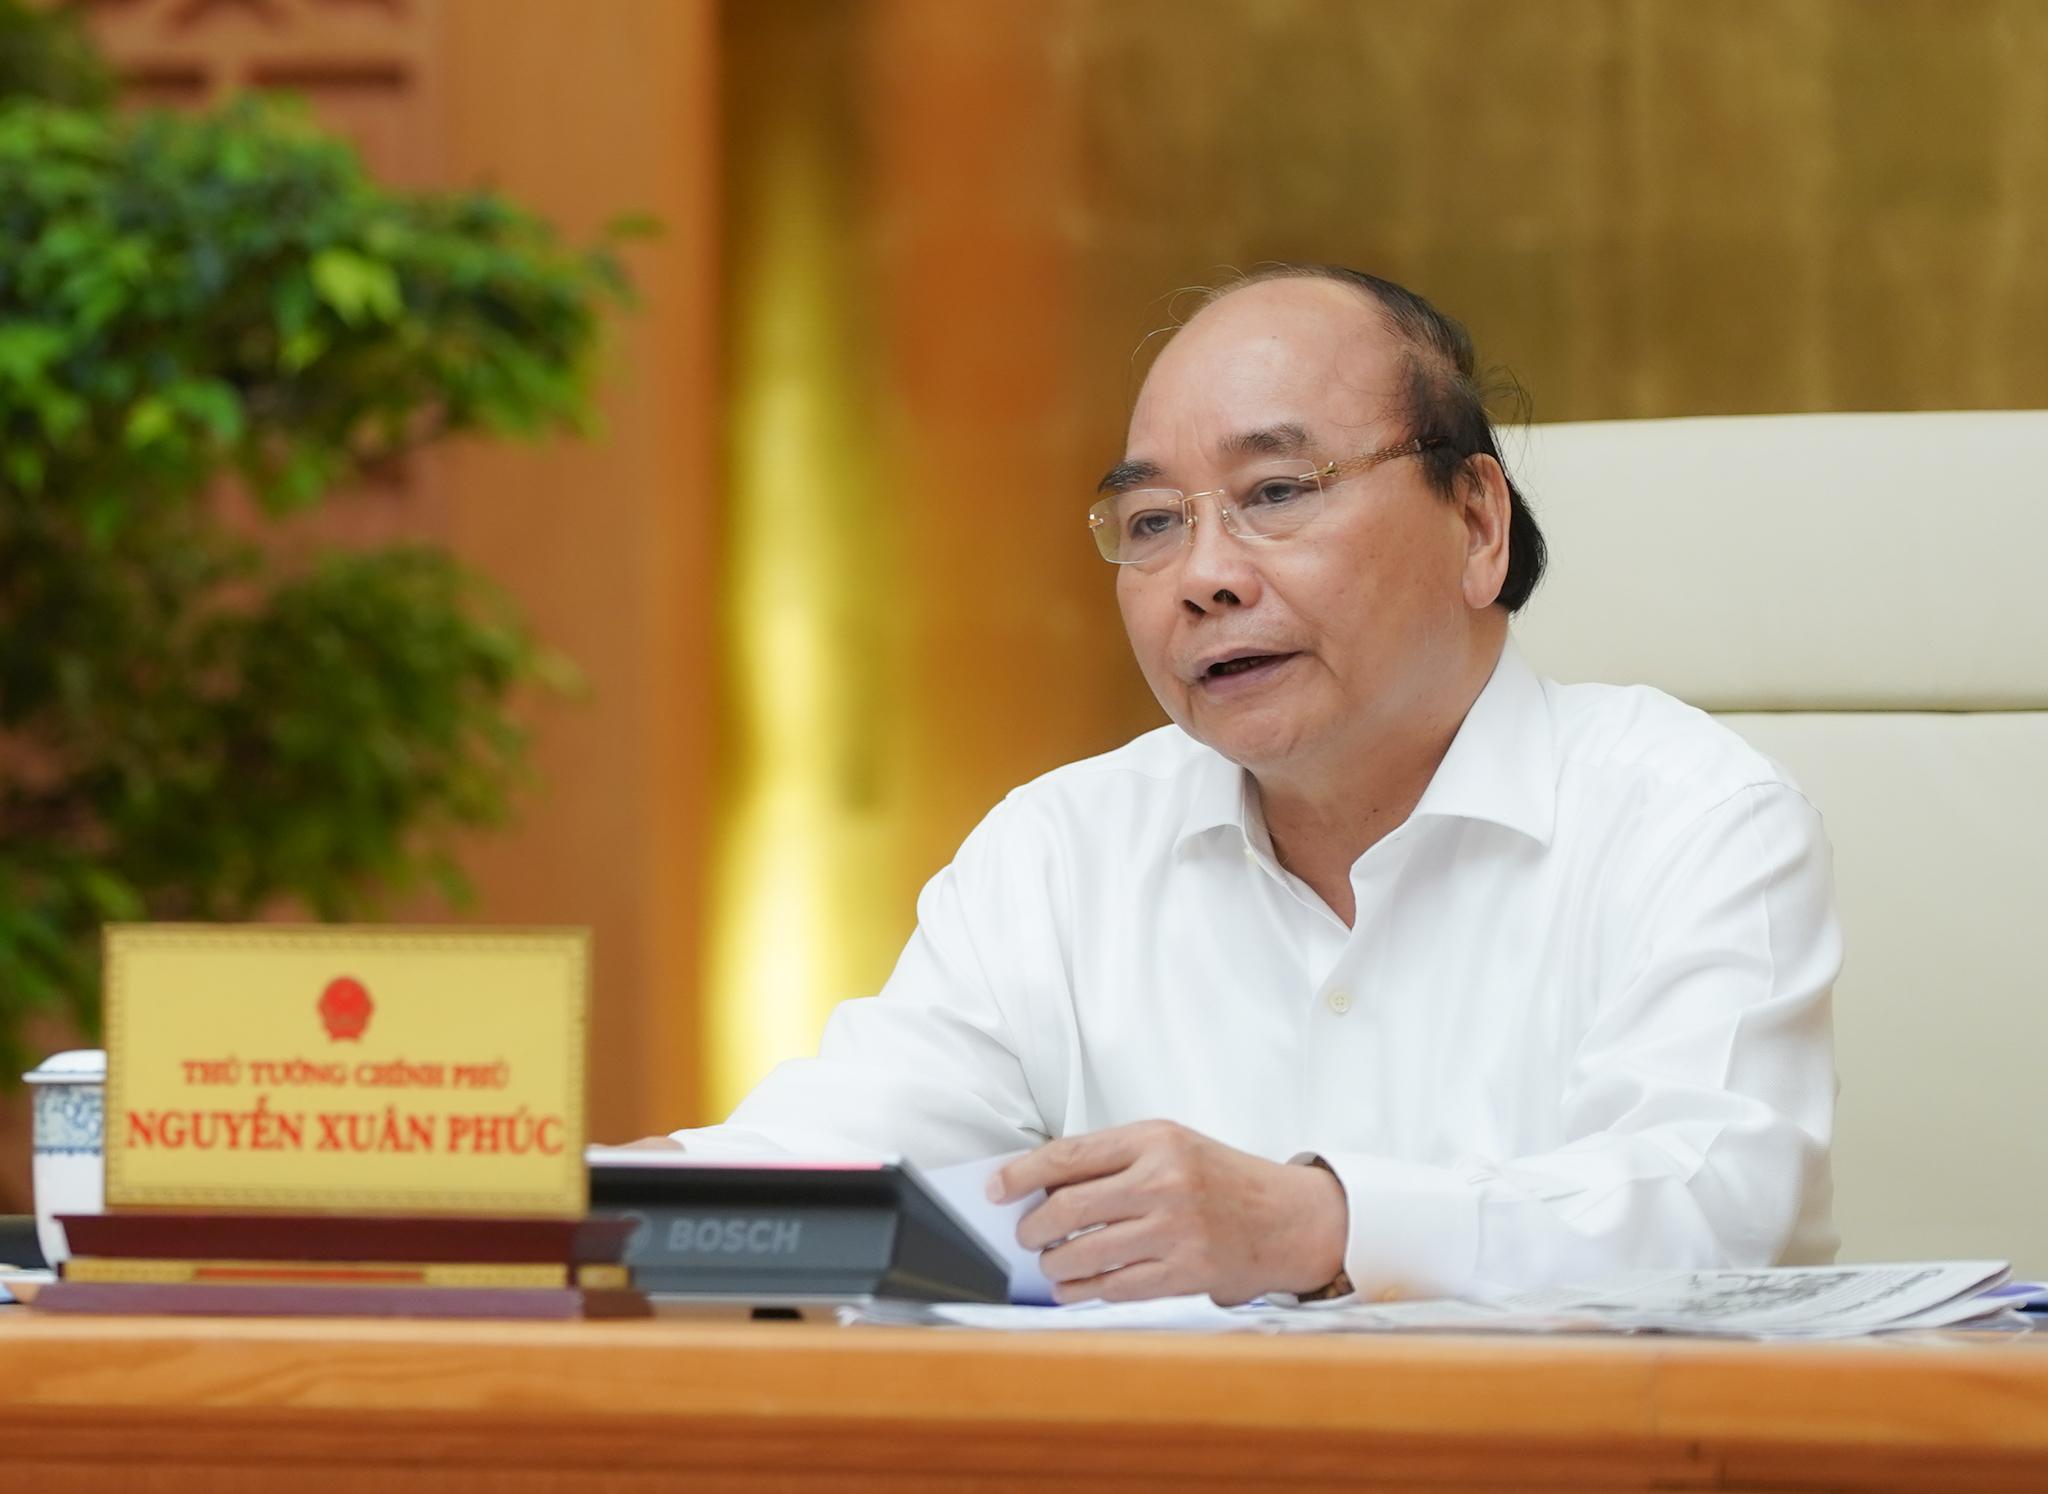 Thủ tướng giao 63 tỉnh, thành quyết định cụ thể cửa hàng nào được mở cửa lại từ ngày mai, 23/4 - Ảnh 1.